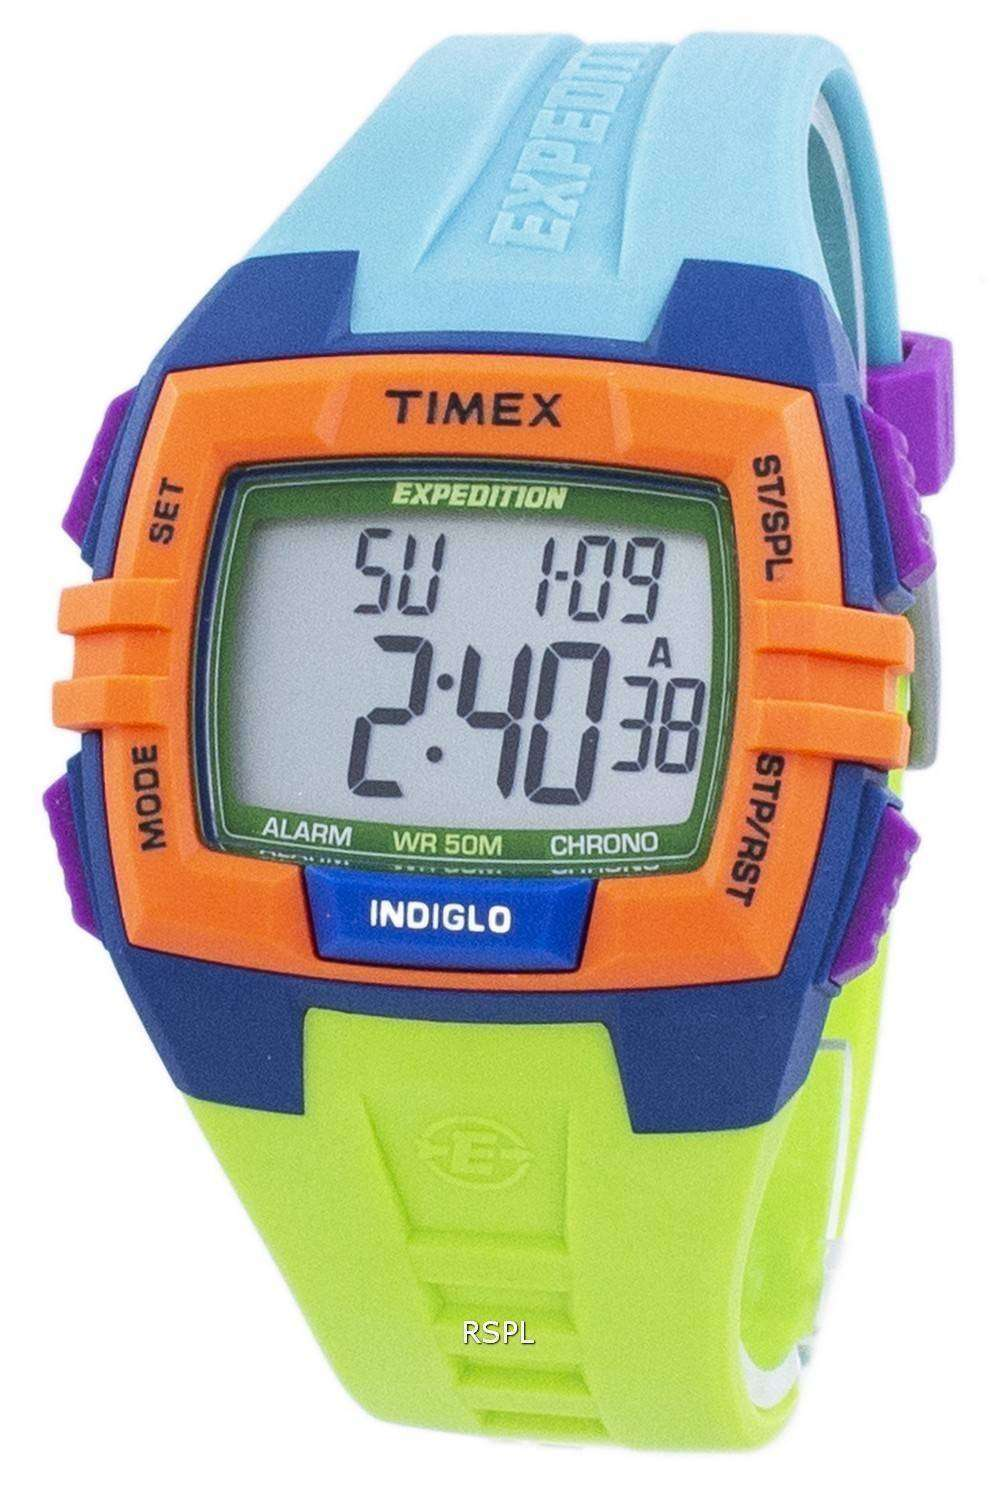 タイメックス エクスペディション クロノグラフ アラーム Indiglo デジタル T49922 ユニセックス時計